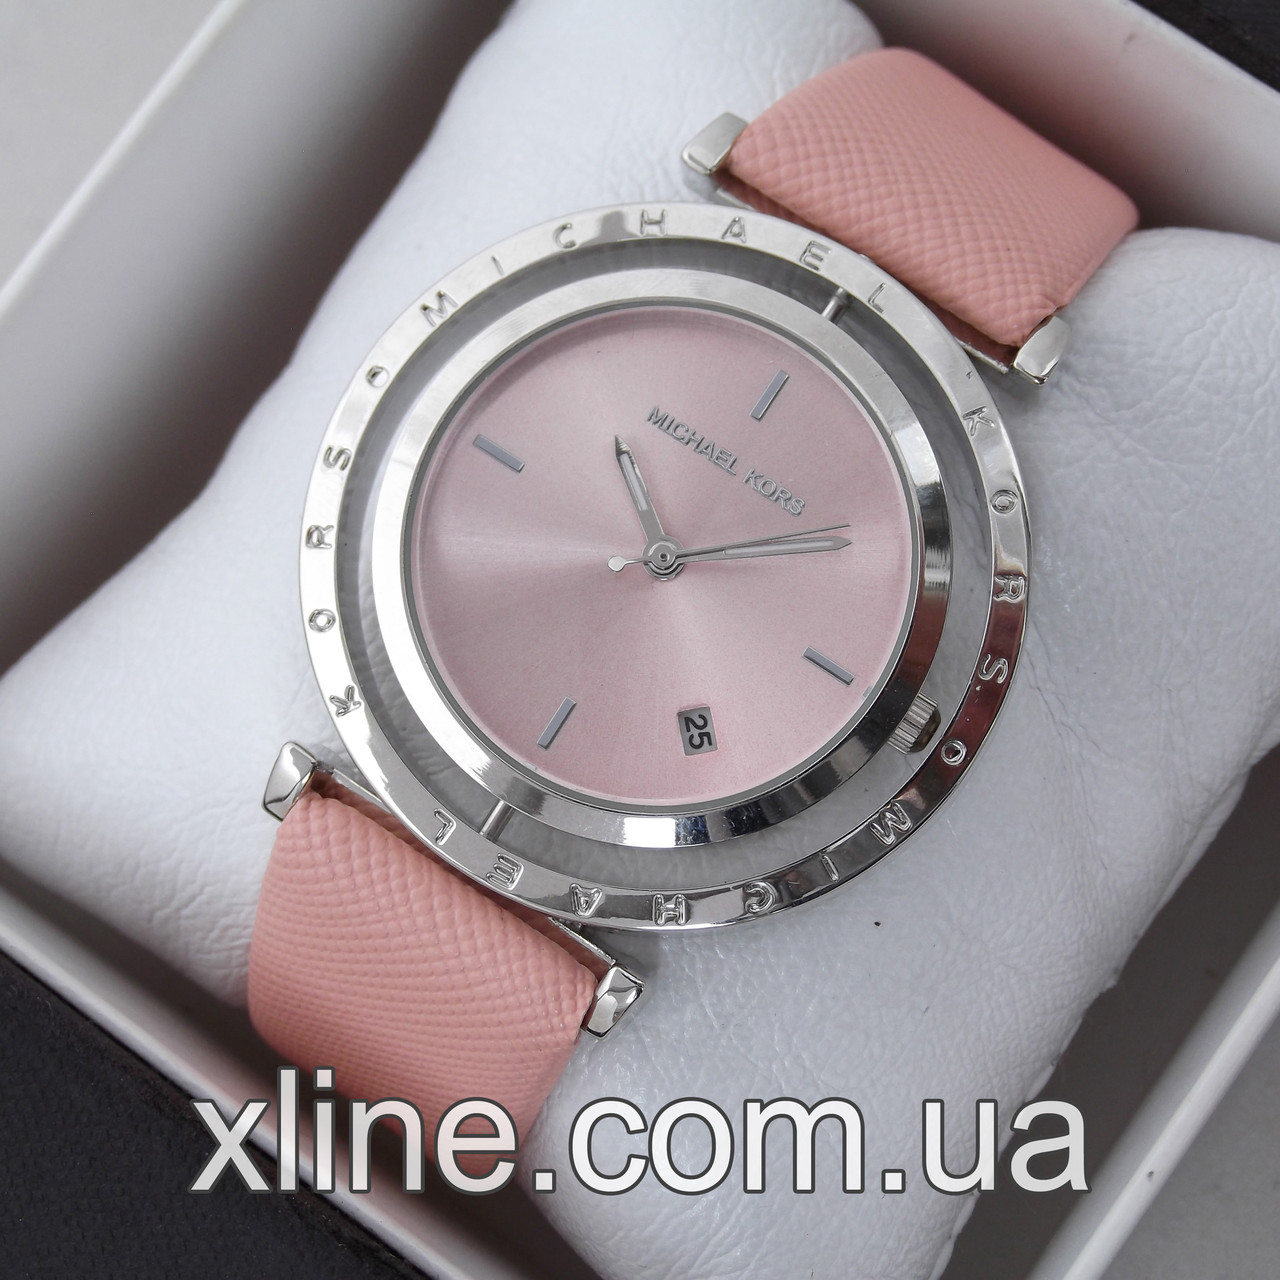 Жіночі наручні годинники Michael Kors MK-A118 на шкіряному ремінці